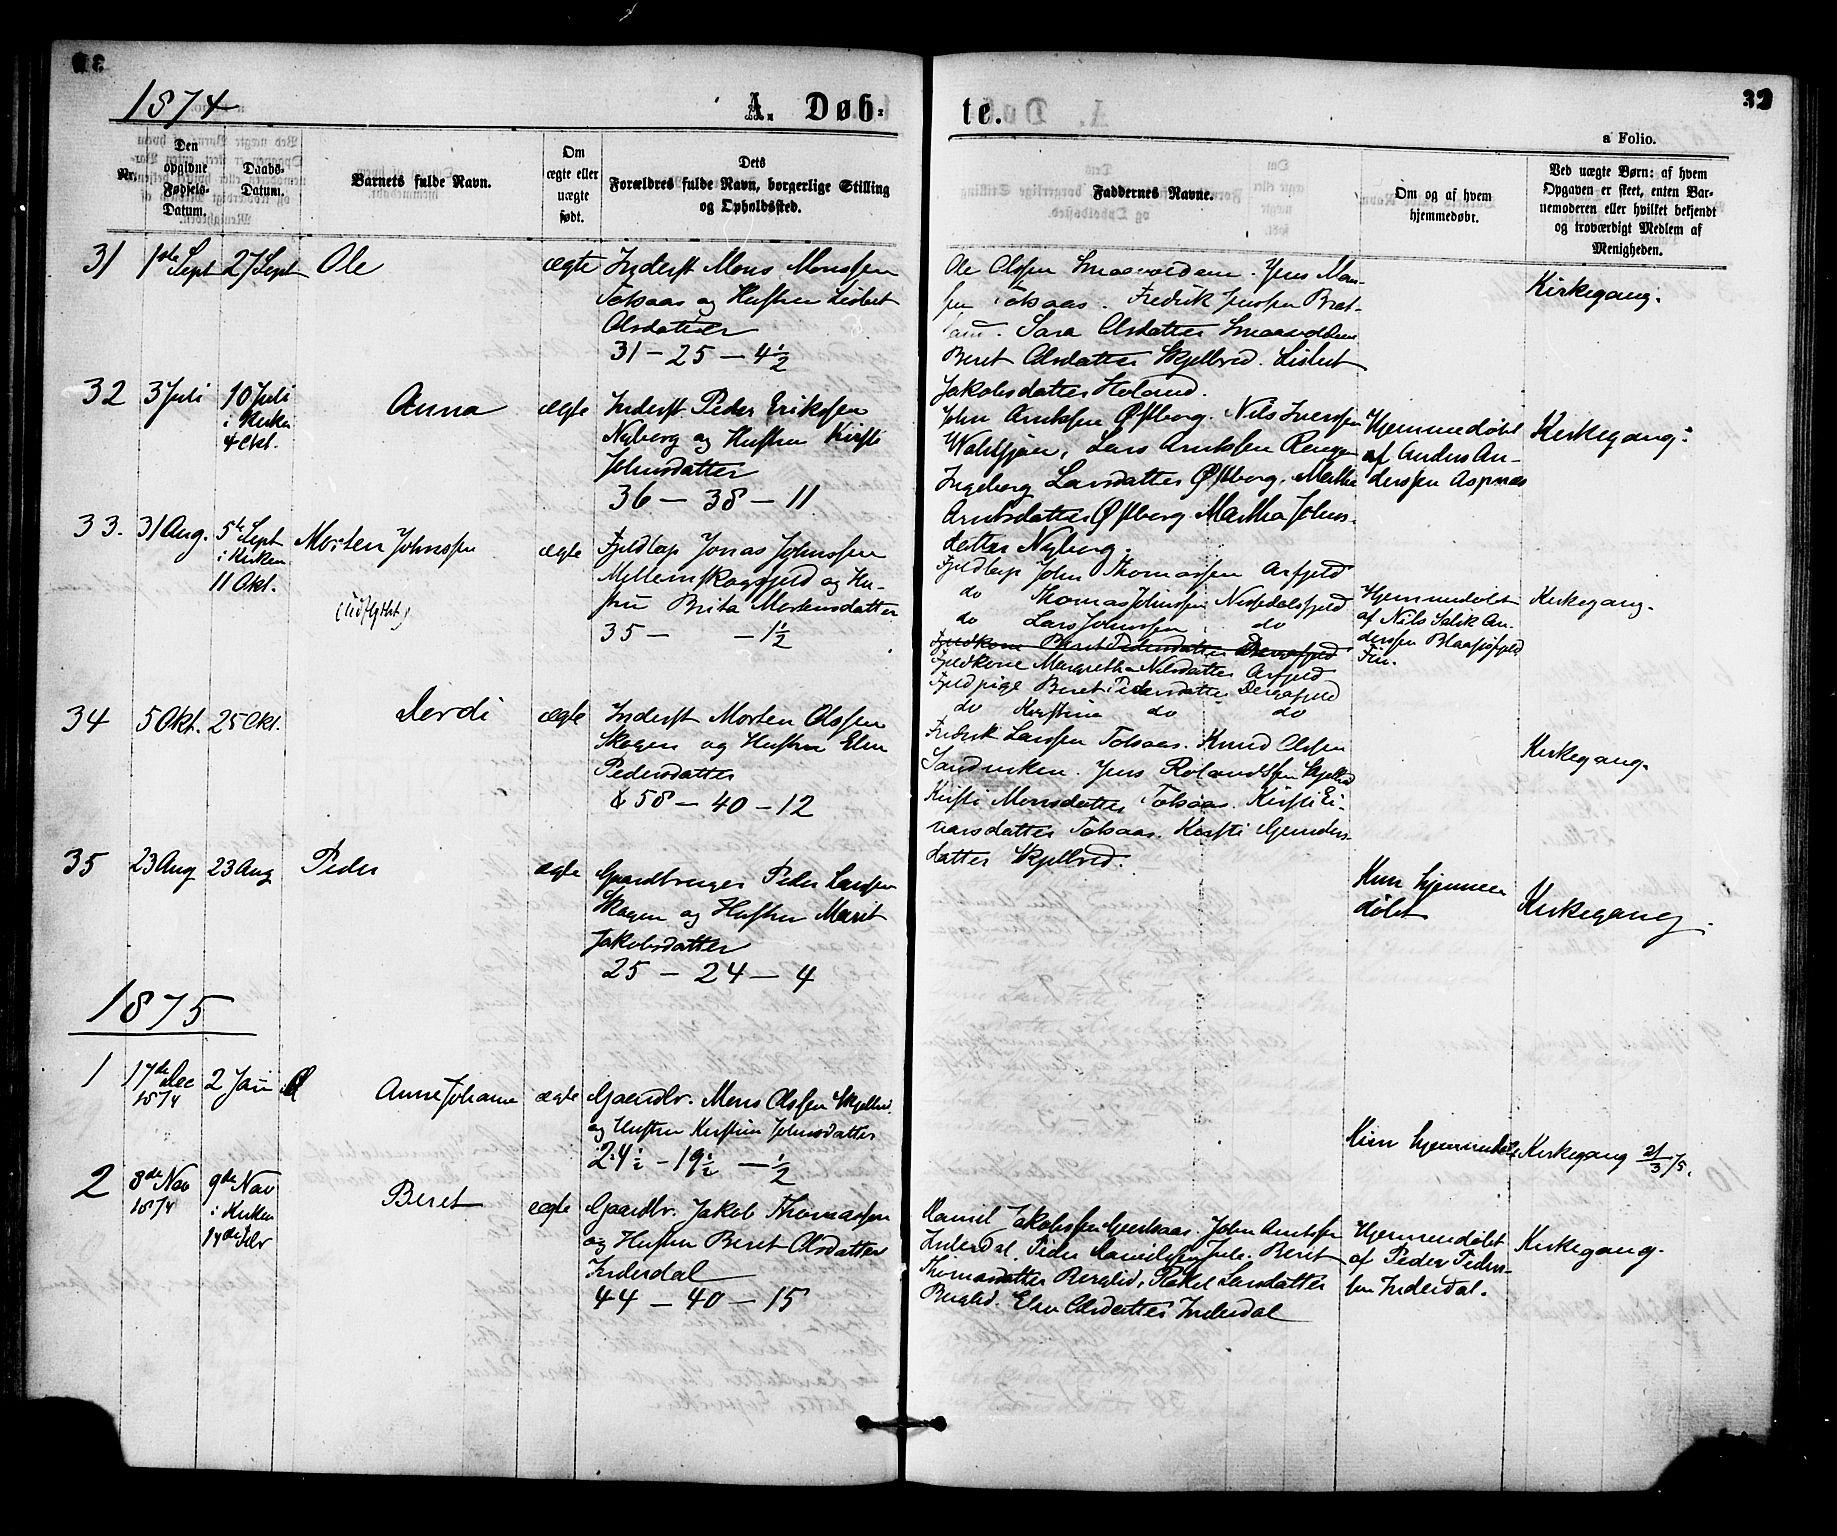 SAT, Ministerialprotokoller, klokkerbøker og fødselsregistre - Nord-Trøndelag, 755/L0493: Ministerialbok nr. 755A02, 1865-1881, s. 32